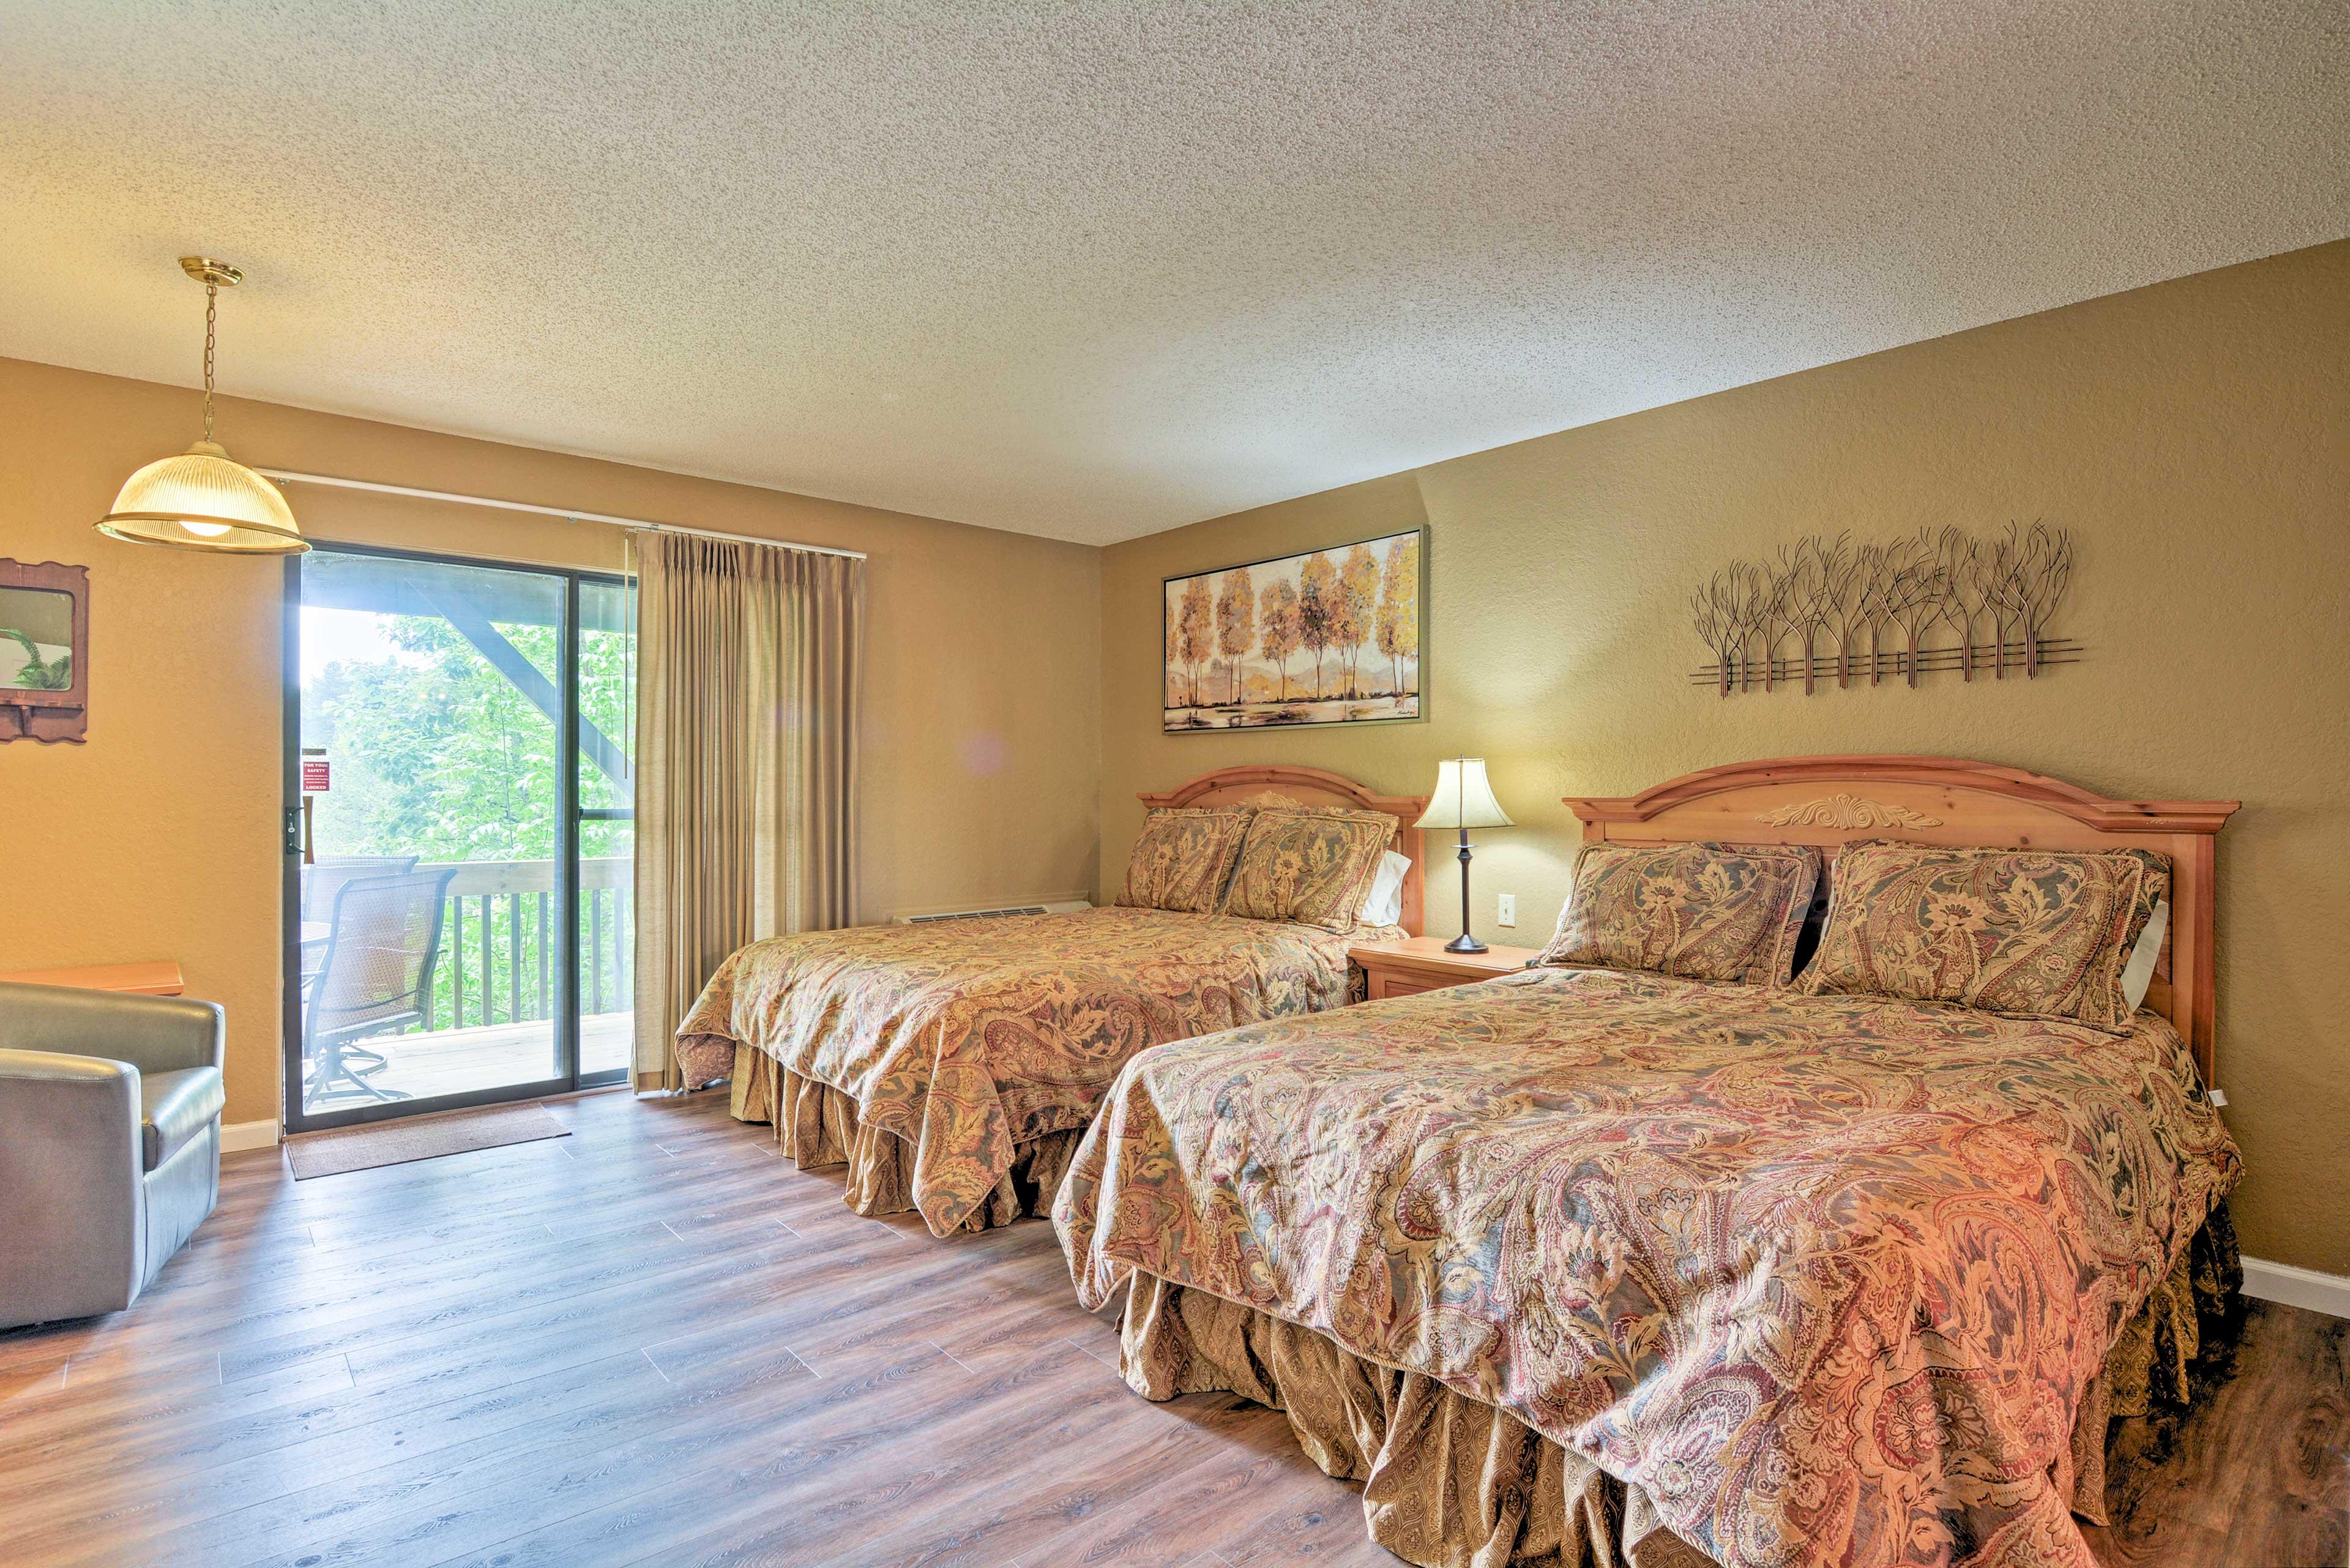 Bedroom 5 | 2 Queen Beds